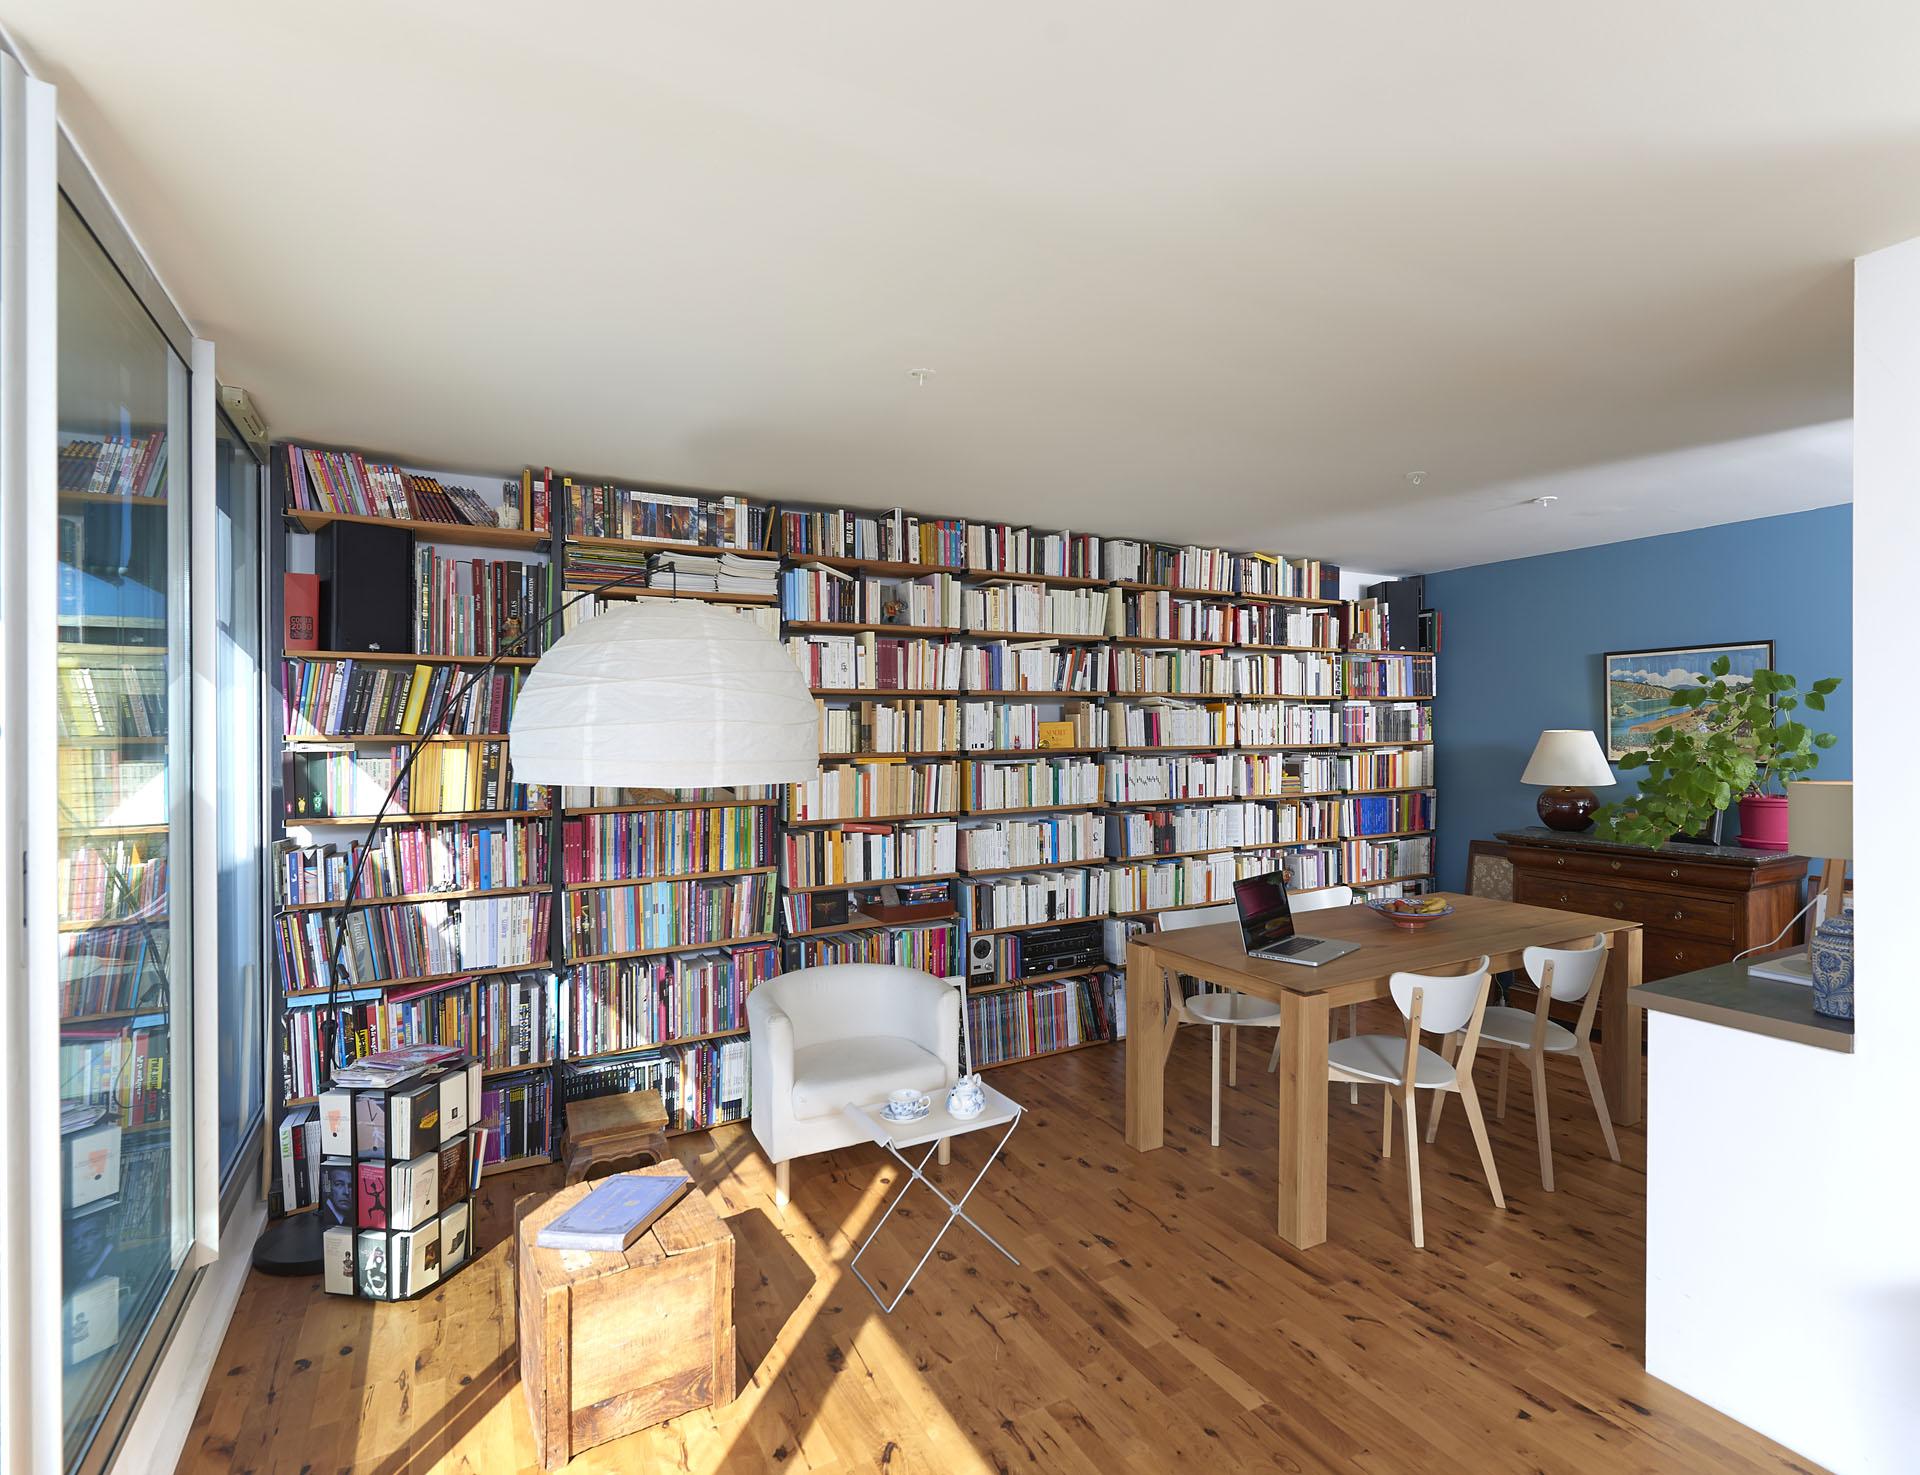 rénovation d'un appartement et bilbiothèque